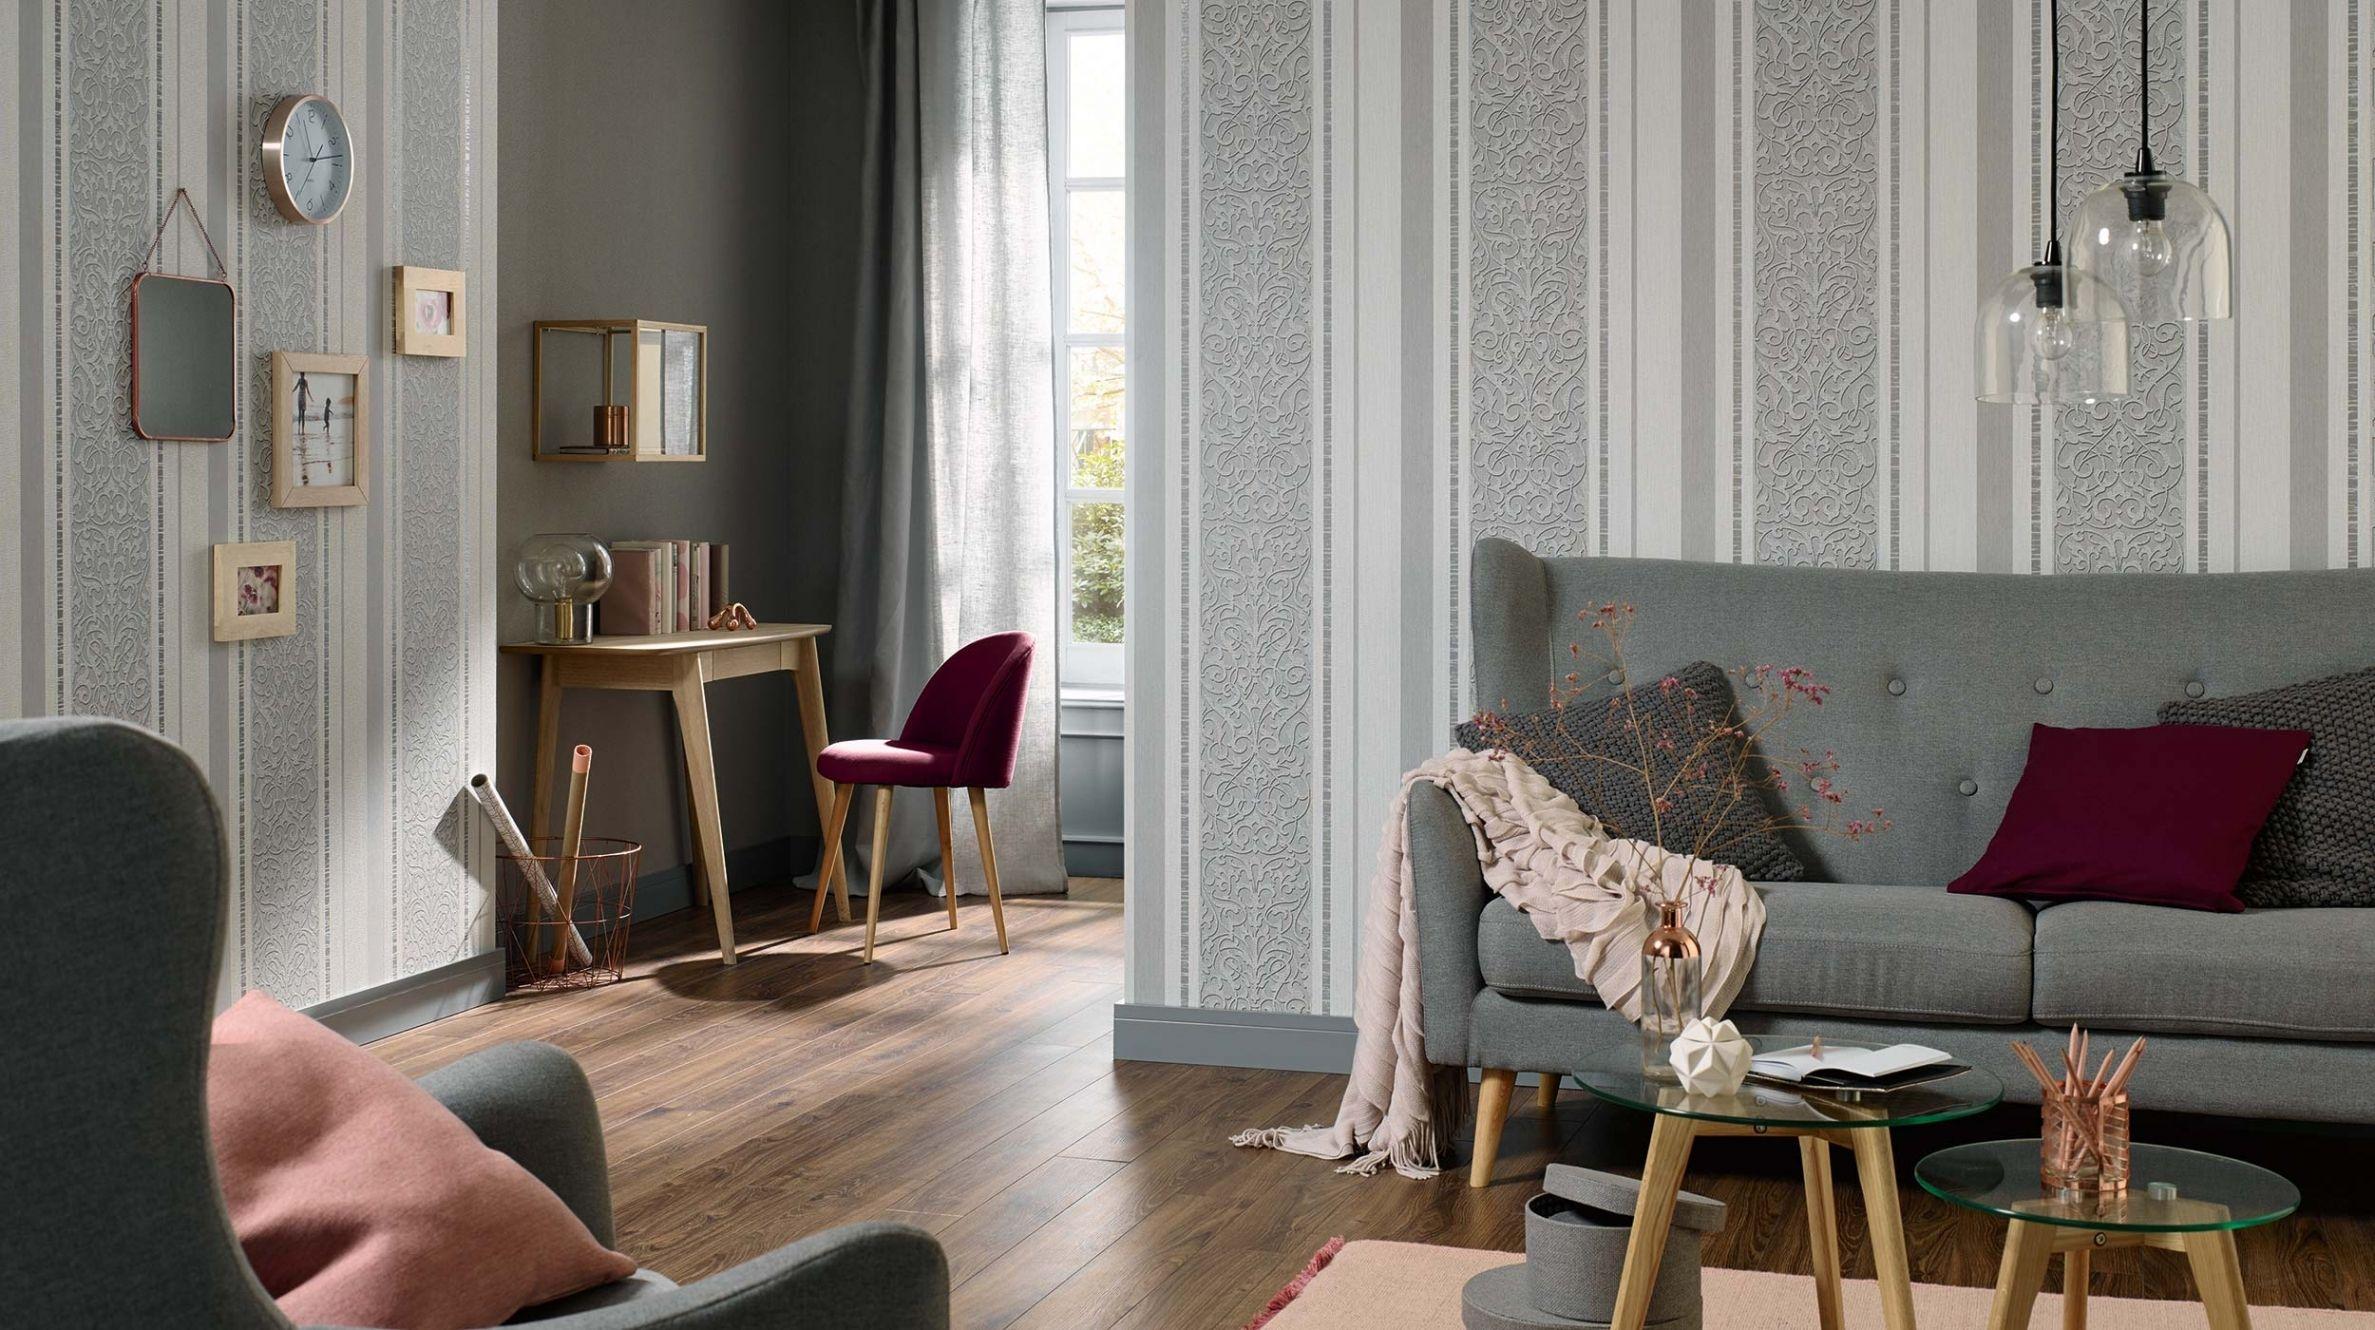 Wohnzimmer2018  Stilvoll Wohnzimmer 2018 | Wohnzimmer ideen | Pinterest